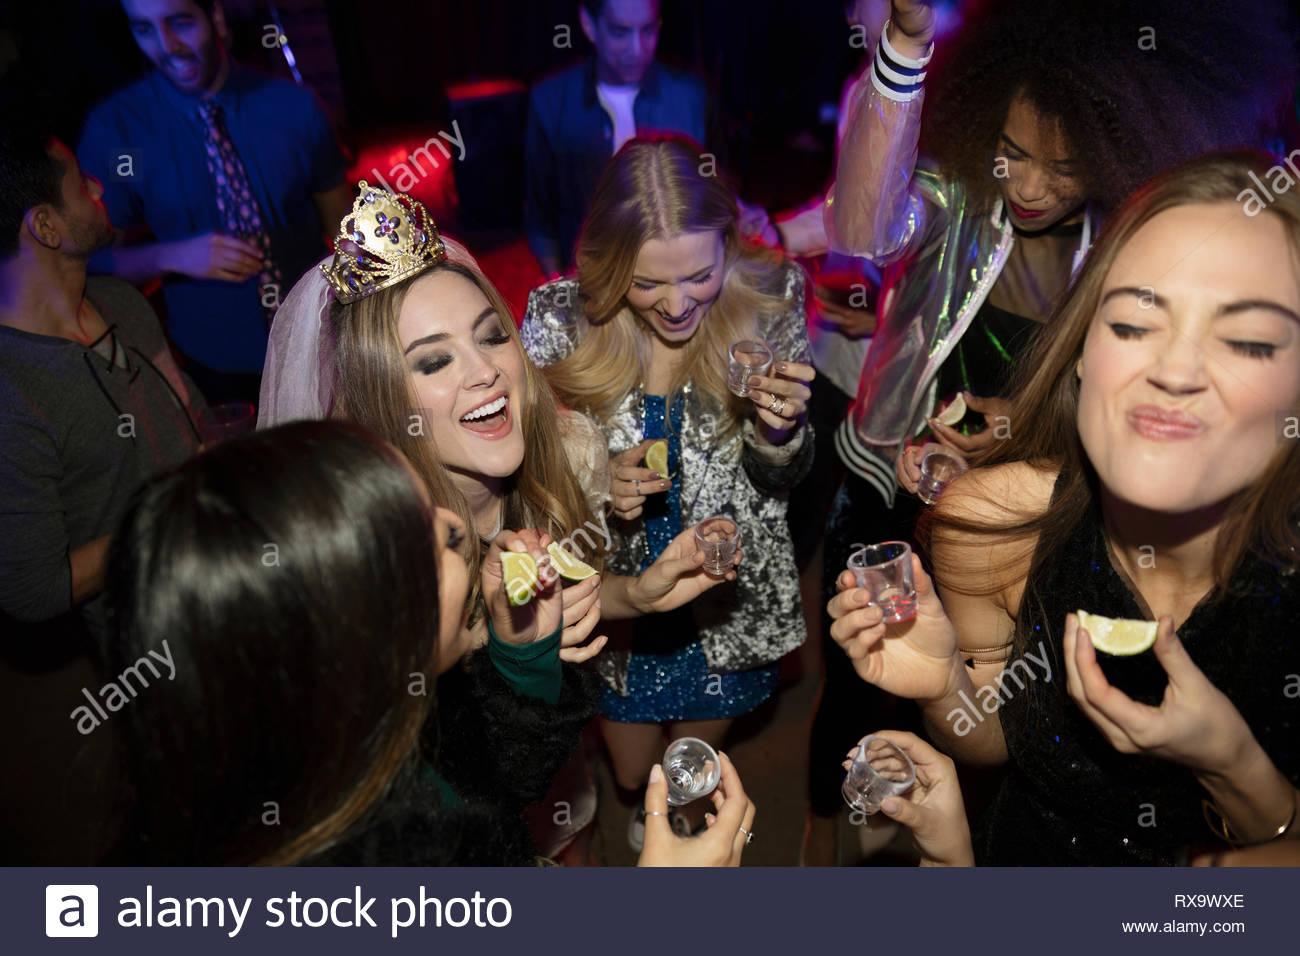 Bachelorette und Freunde unter tequila Schüsse im Nachtclub Stockbild